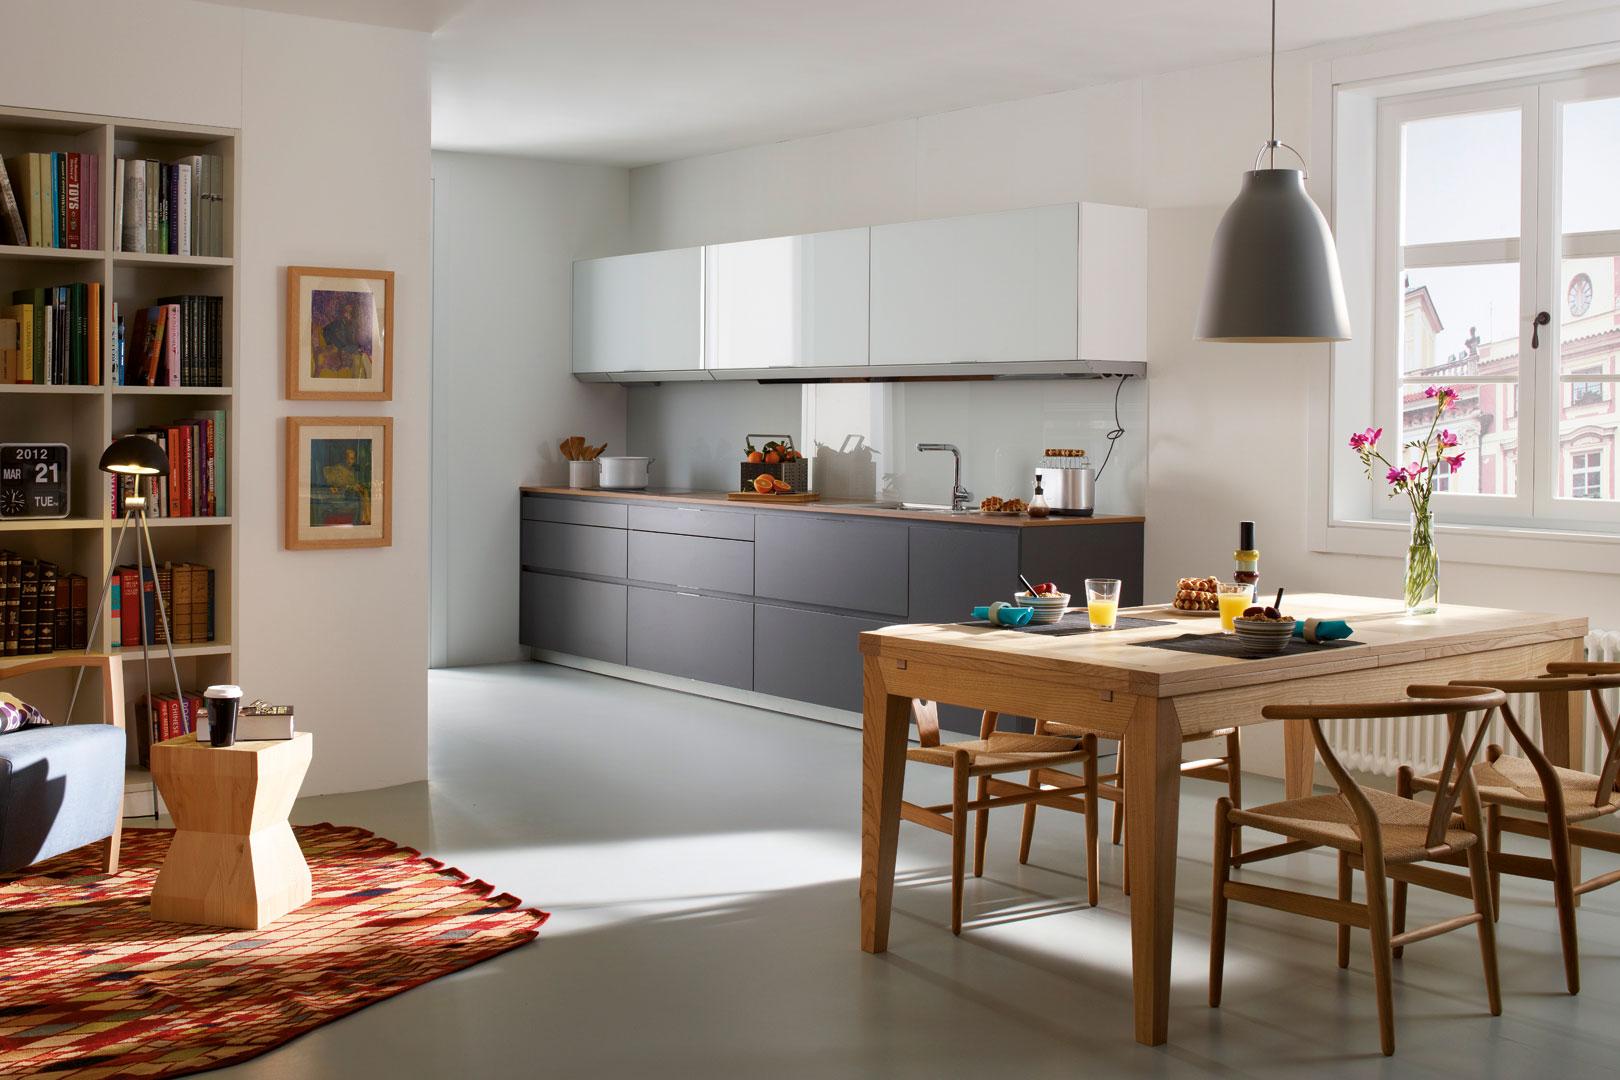 Encimeras de cocina c mo elegir la m s adecuada cocinas for Encimeras de madera para cocinas